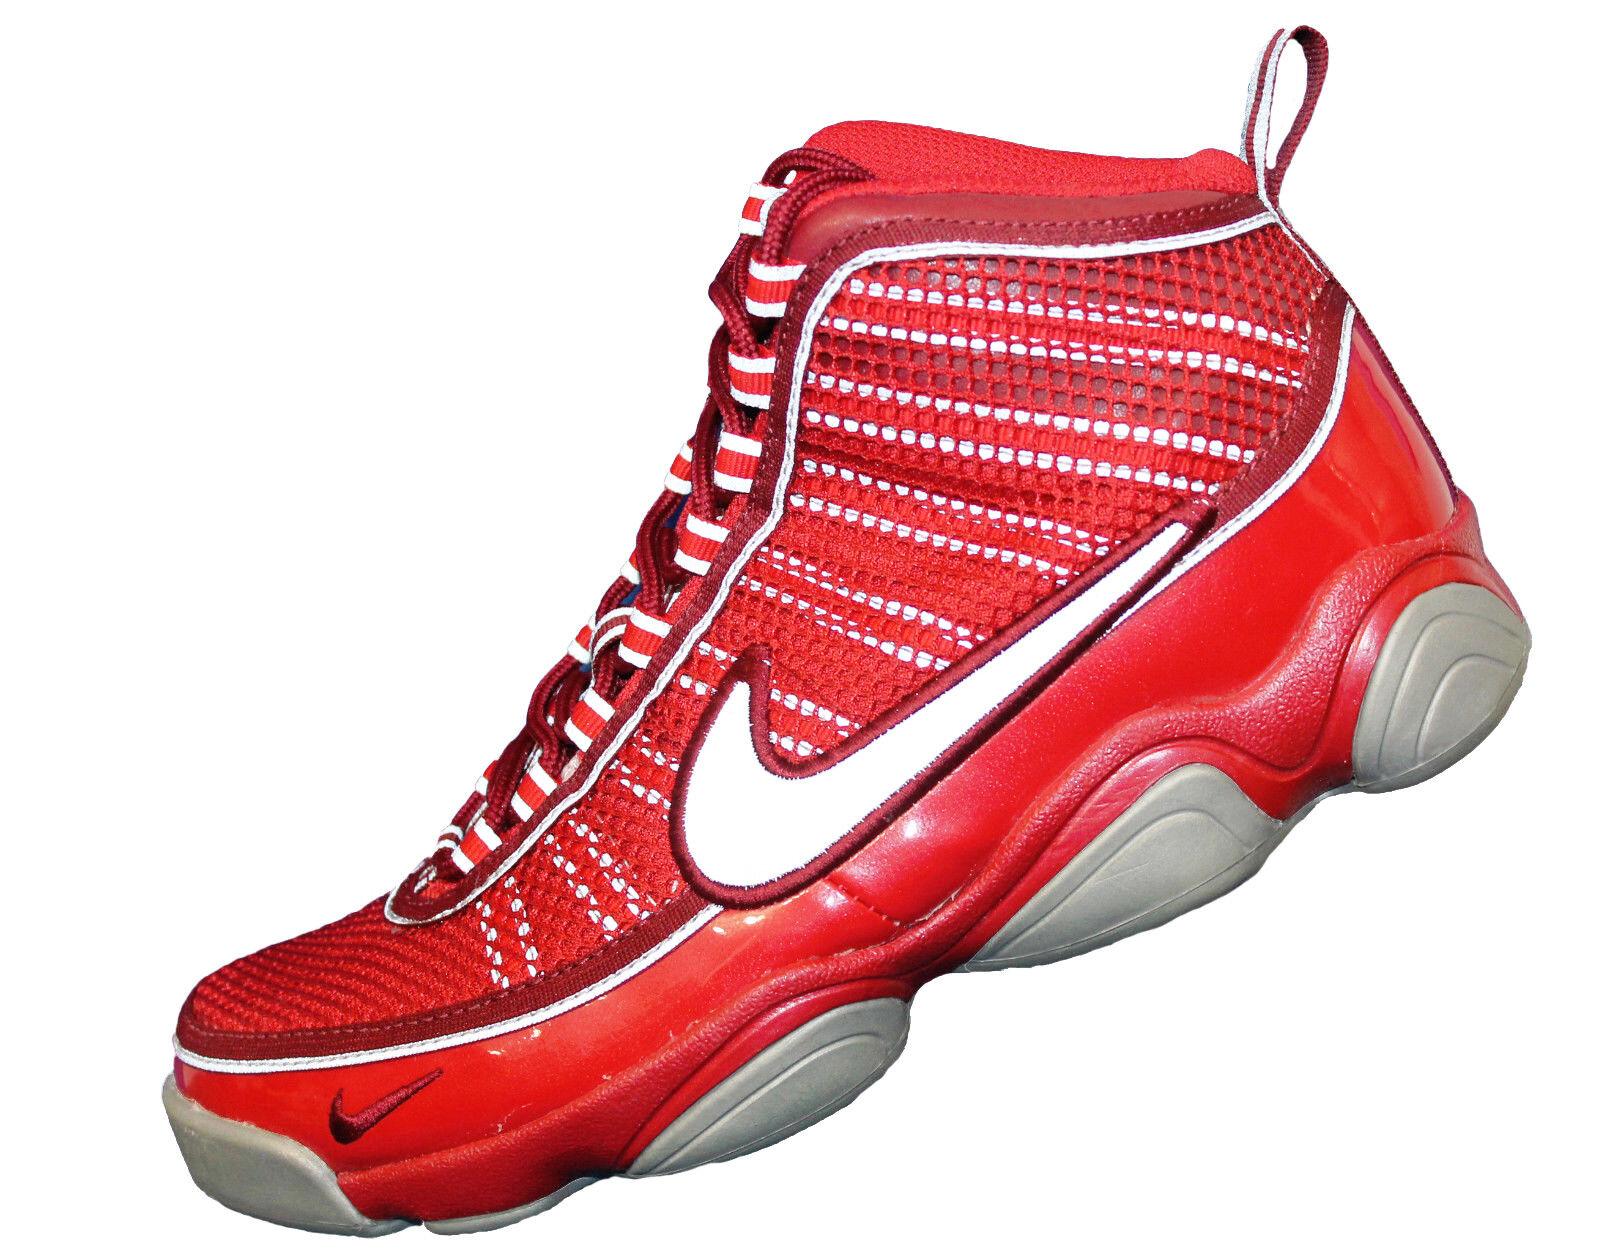 Hombre Nike Zoom no le 416367-606 Hoh Basketball zapatos - 416367-606 le 773a9e